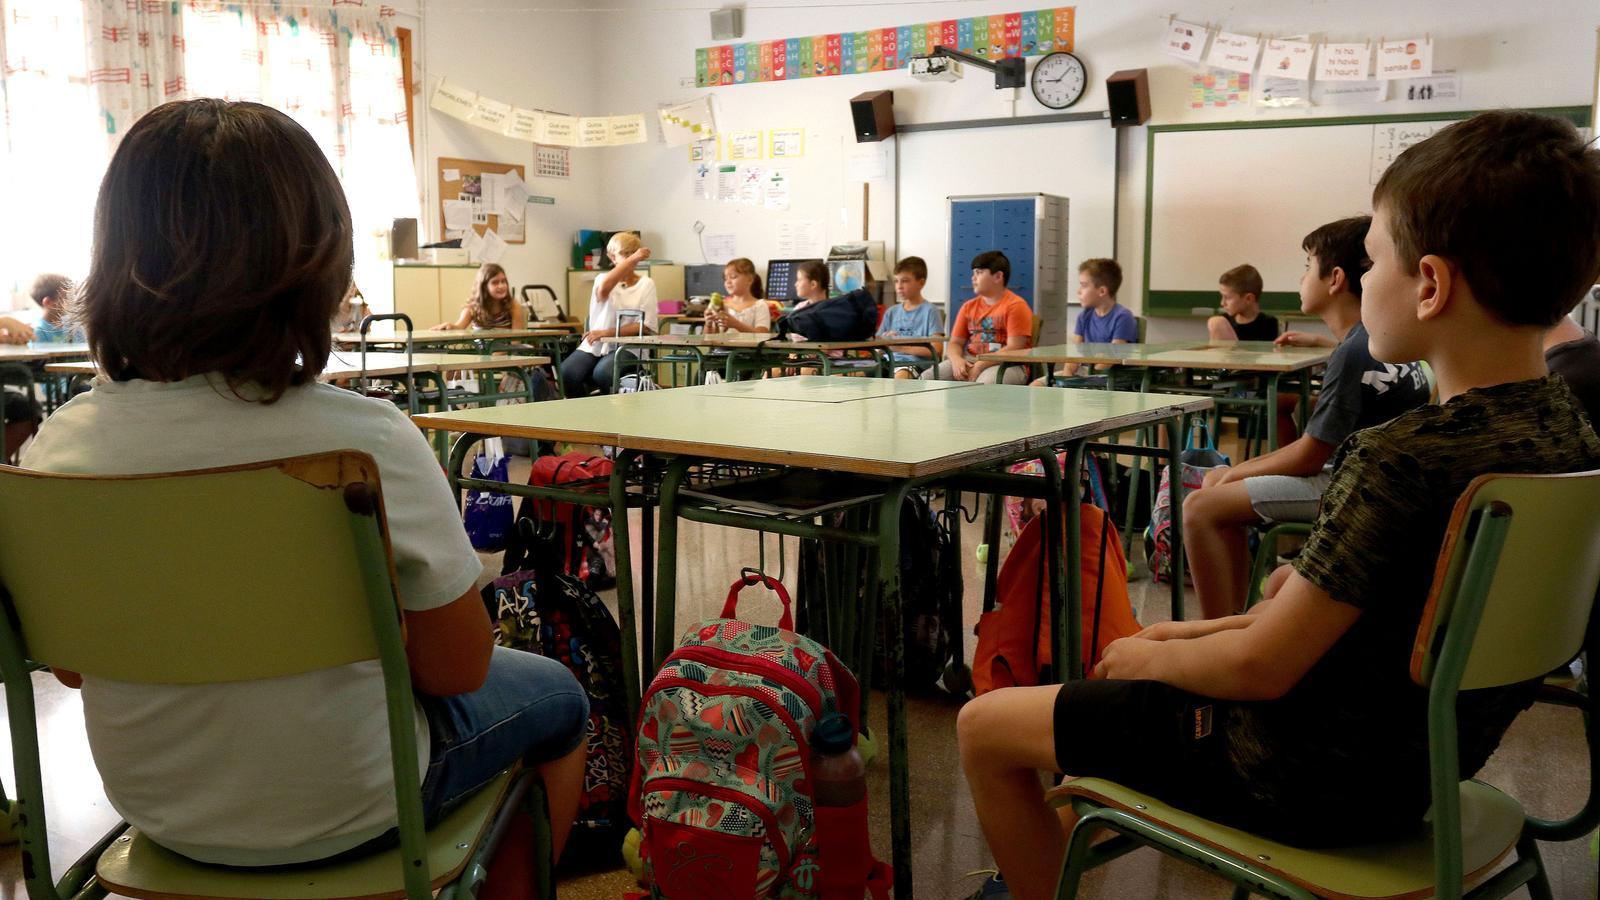 MÉS reclama una llei educativa que garanteixi l'ensenyament en català i una escola pública i laica